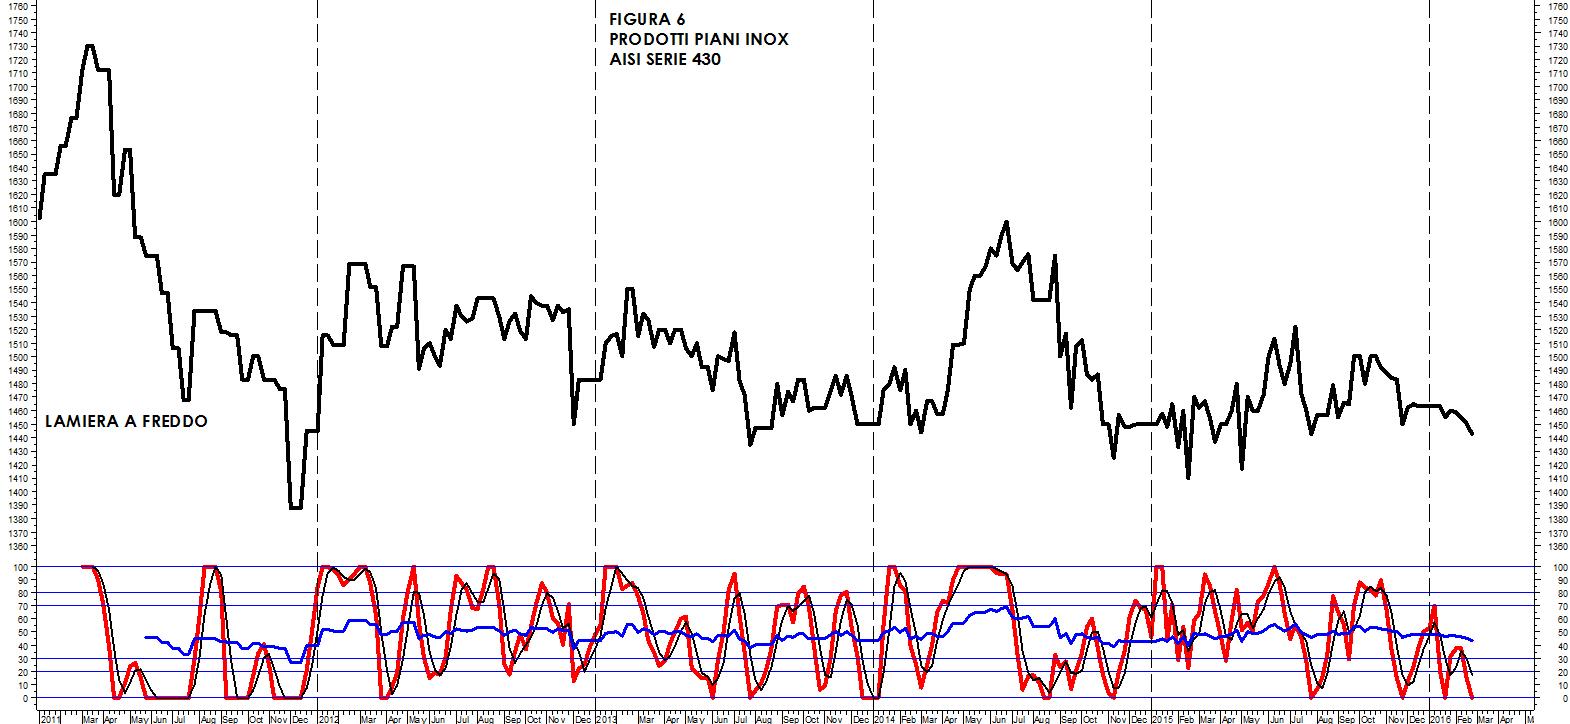 Analisi settimanale dei prezzi: inox e nickel   Siderweb - La ...